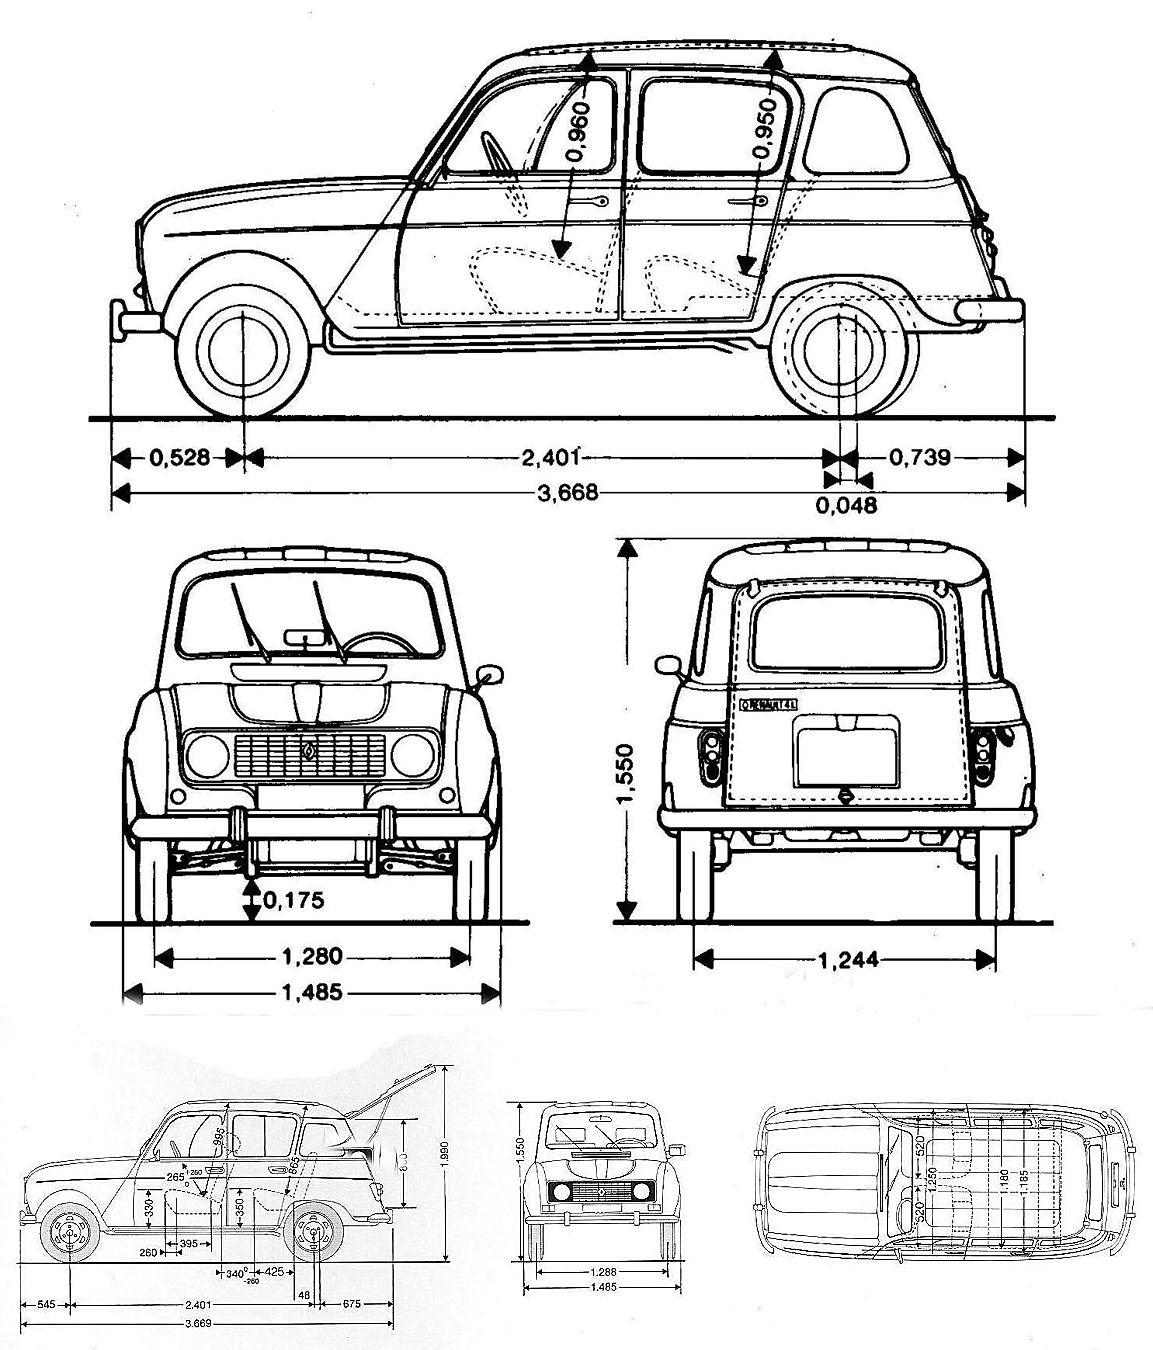 Archivo De Autos Renault 4 Un Utilitario Francs Light Sensorldr Ofalightsensorcircuitwhenthelight Symbol3sir Las Dimensiones Del Arriba Modelo 1977 Y Abajo Tl 1988 Espaa